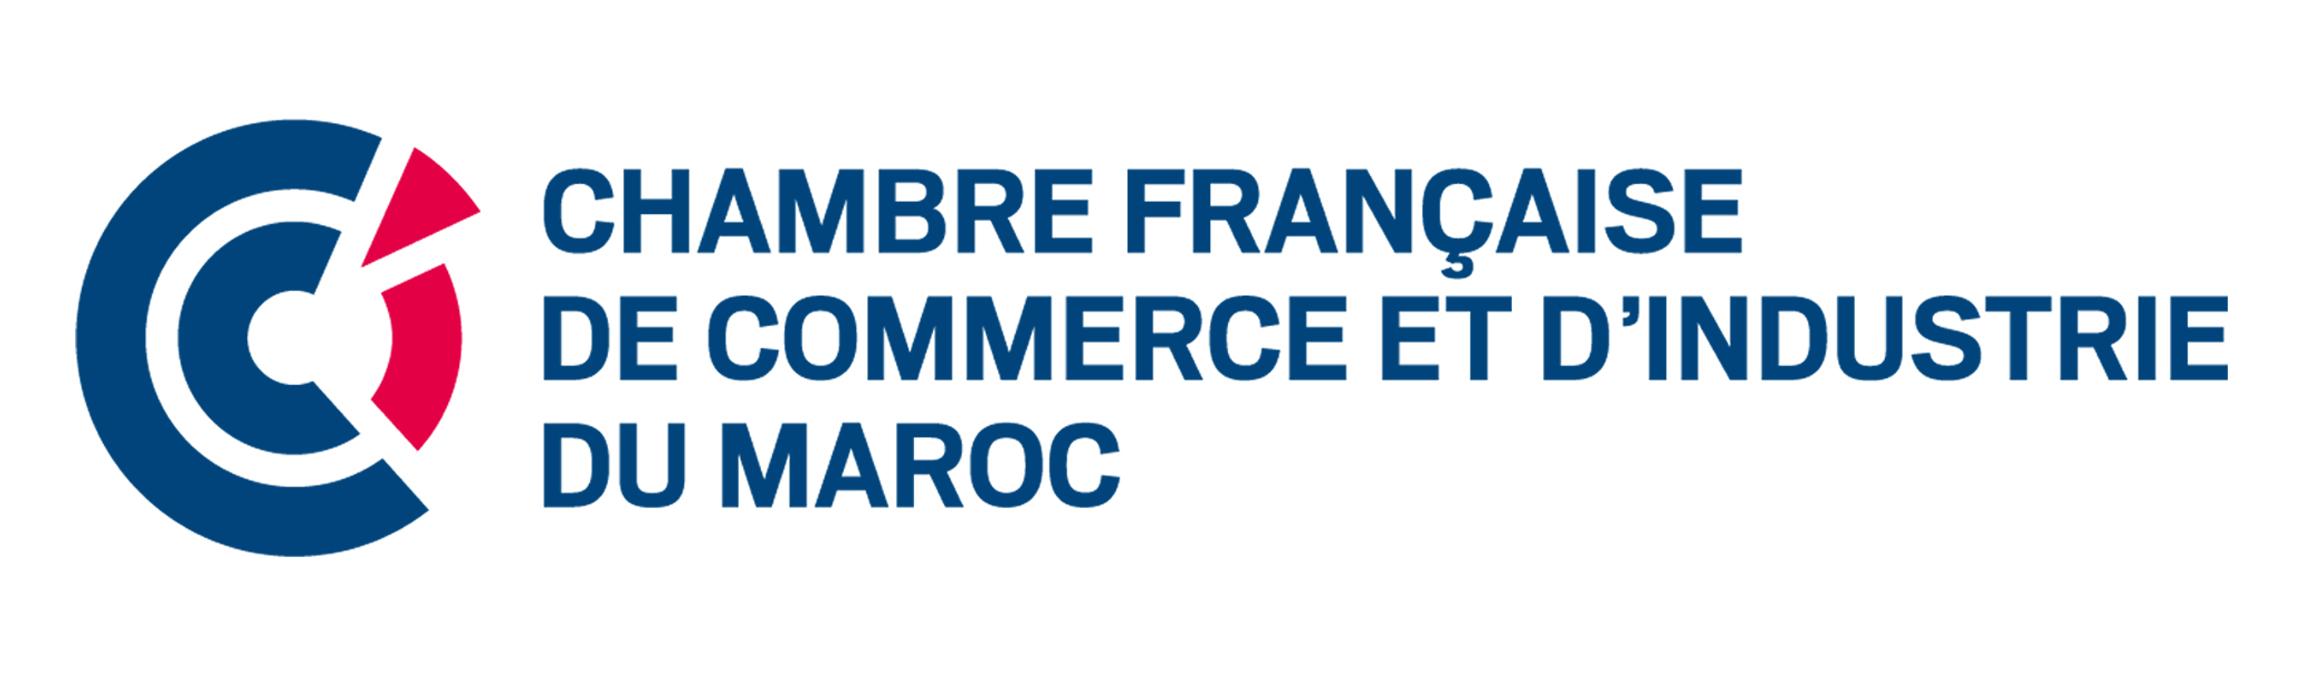 Chambre Française de Commerce et d'Industrie du Maroc